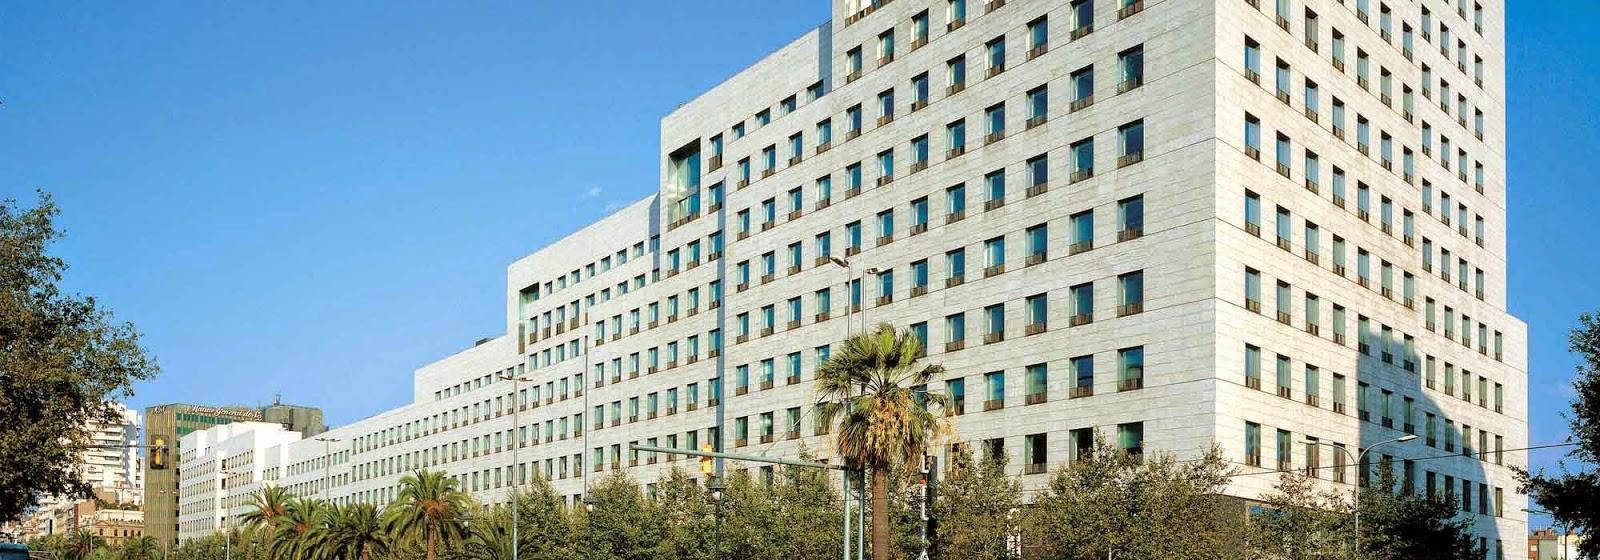 Viajar a barcelona centro comercial l 39 illa diagonal - Centro comercial illa diagonal ...